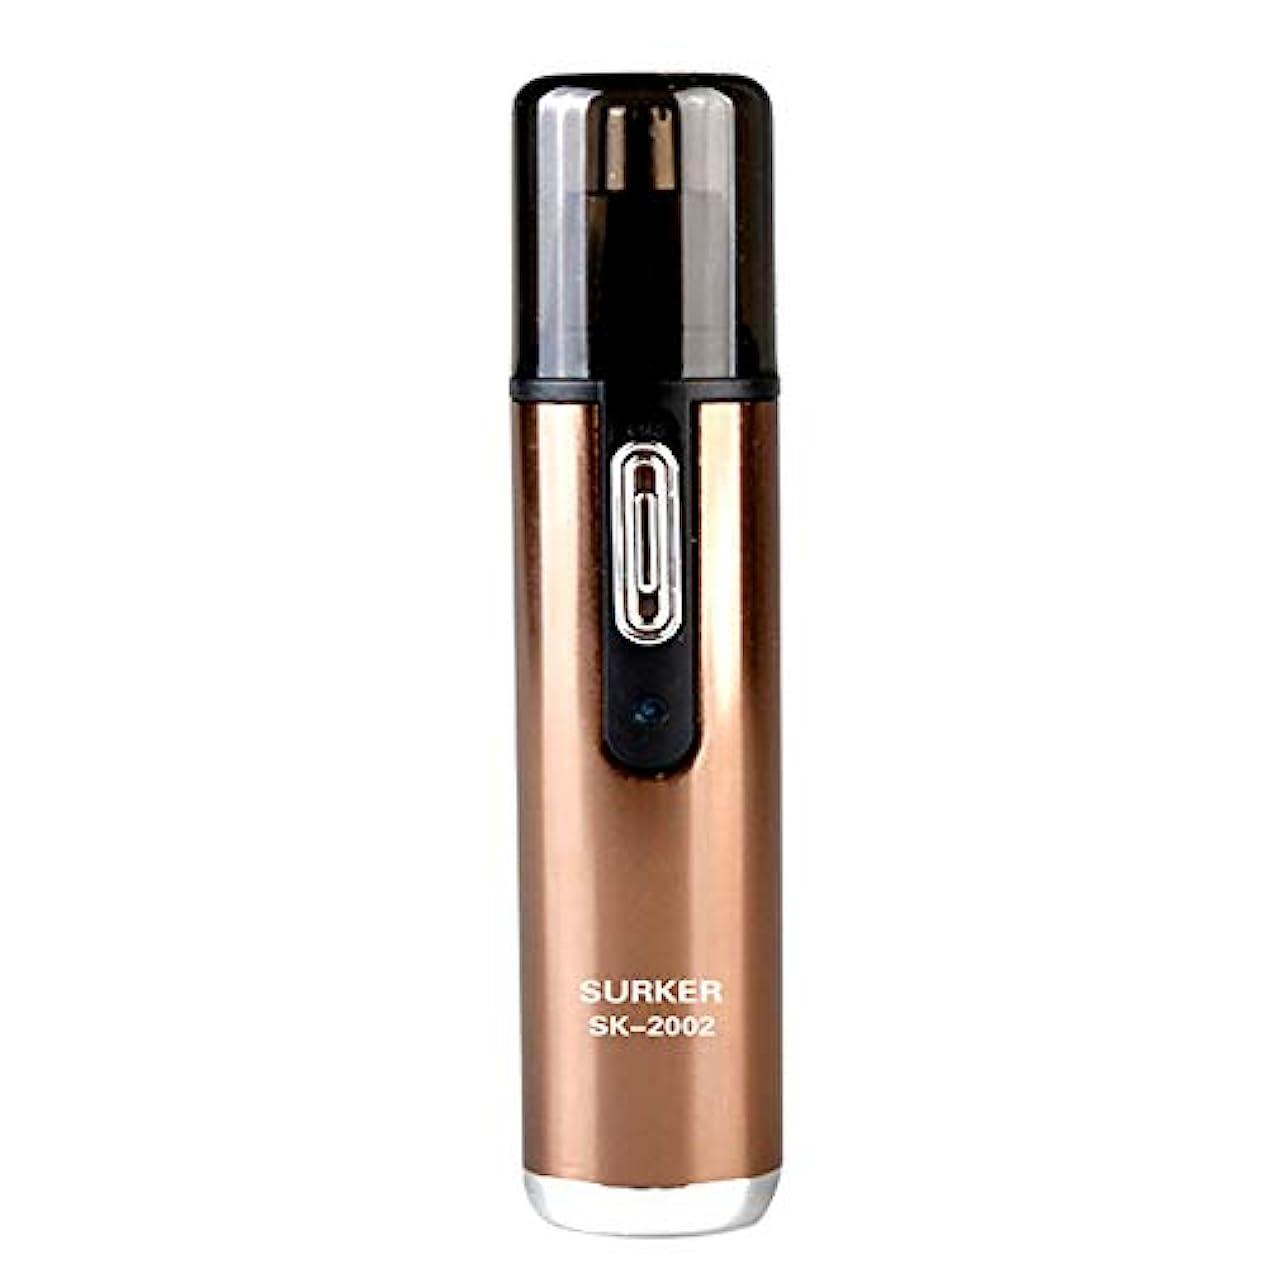 まぶしさ喜びシャワー鼻のヘアトリマーは使いやすいです男性と女性のための50 dB以下の内部360°回転でノイズのある明るいLEDライトで、保護カバーで掃除しやすいです